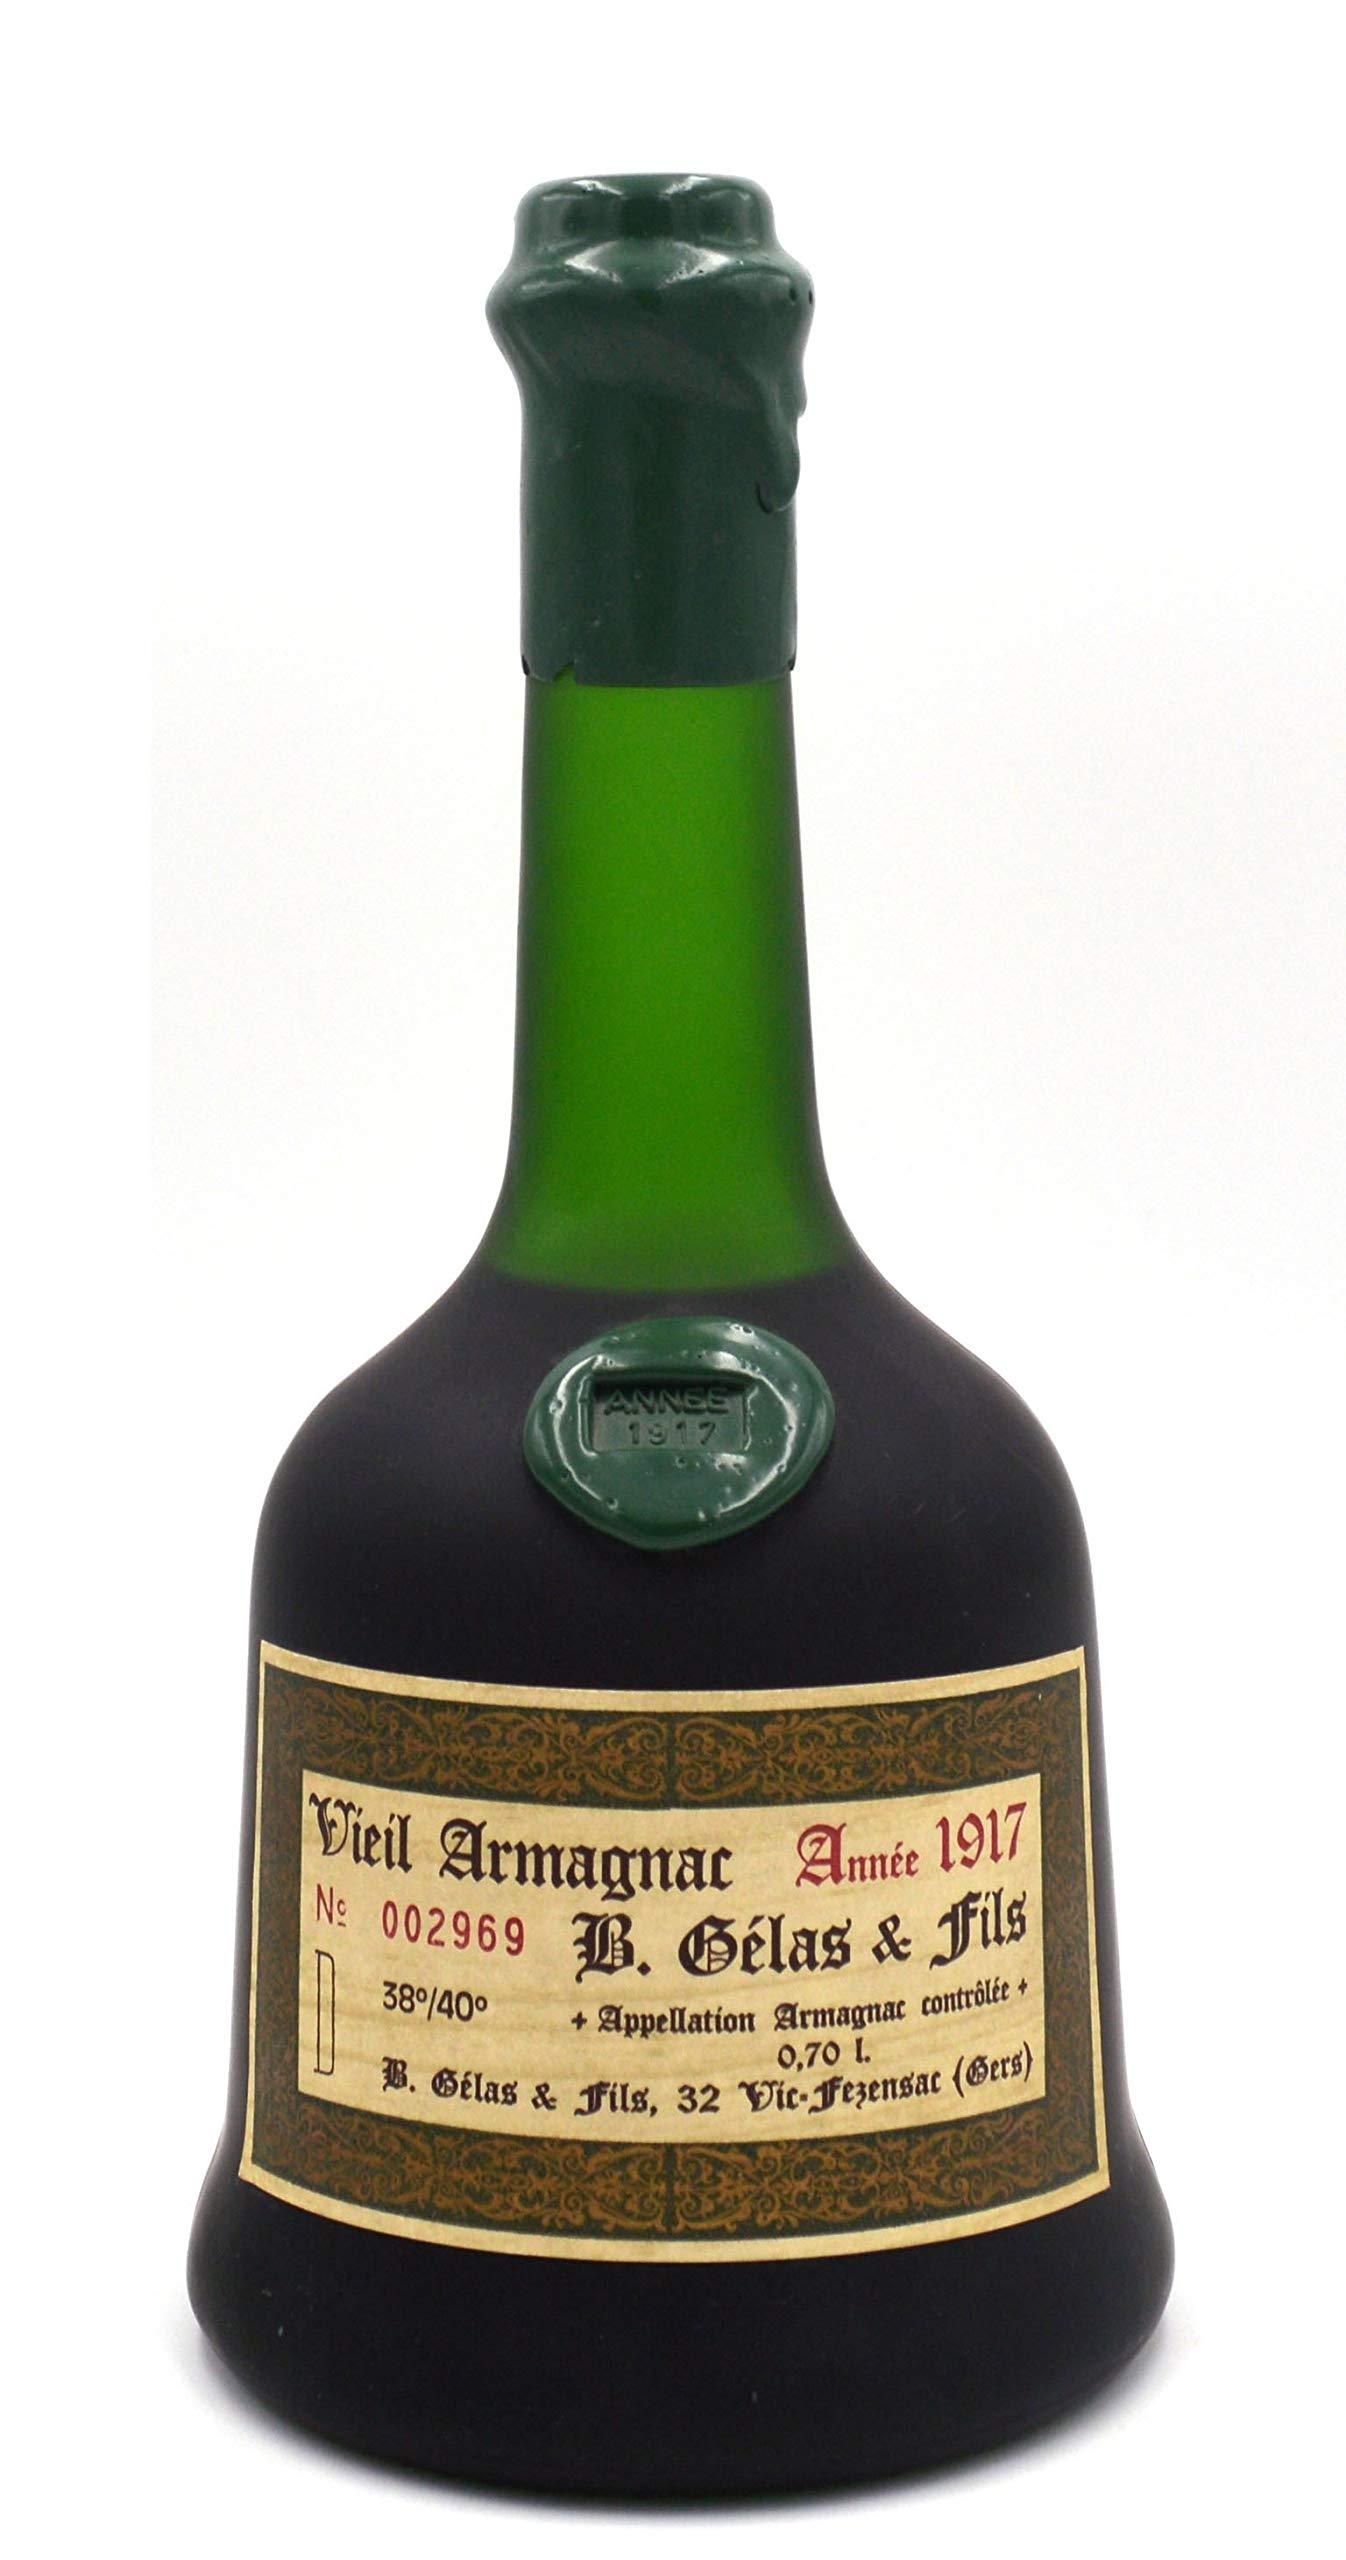 Raritt-Vieil-Armagnac-1917-BGelas-Fils-07l